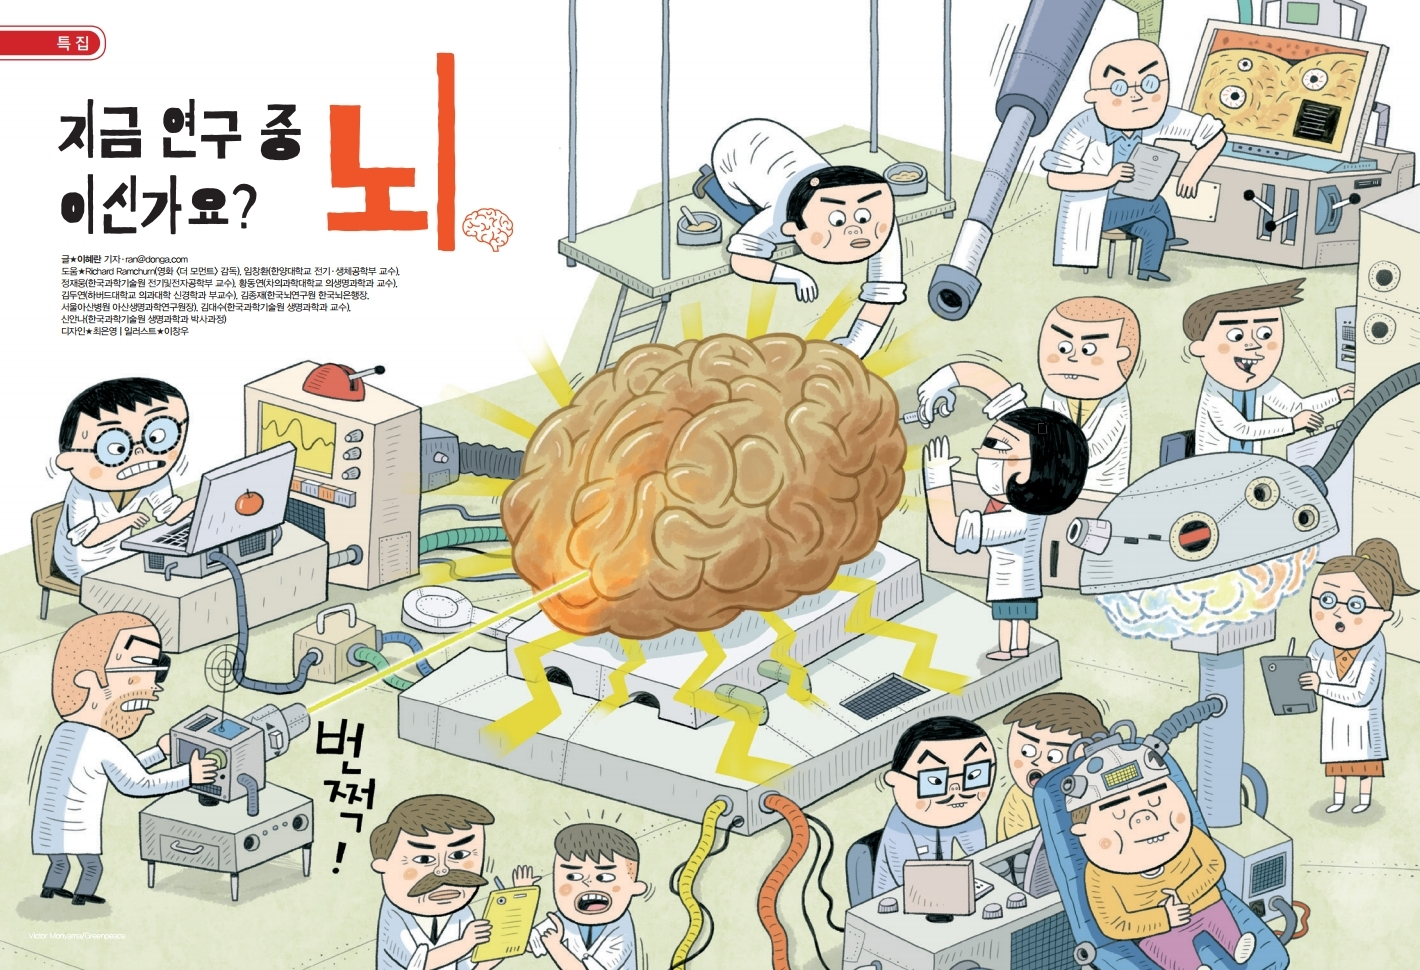 뇌, 지금 연구 중 이신가요?